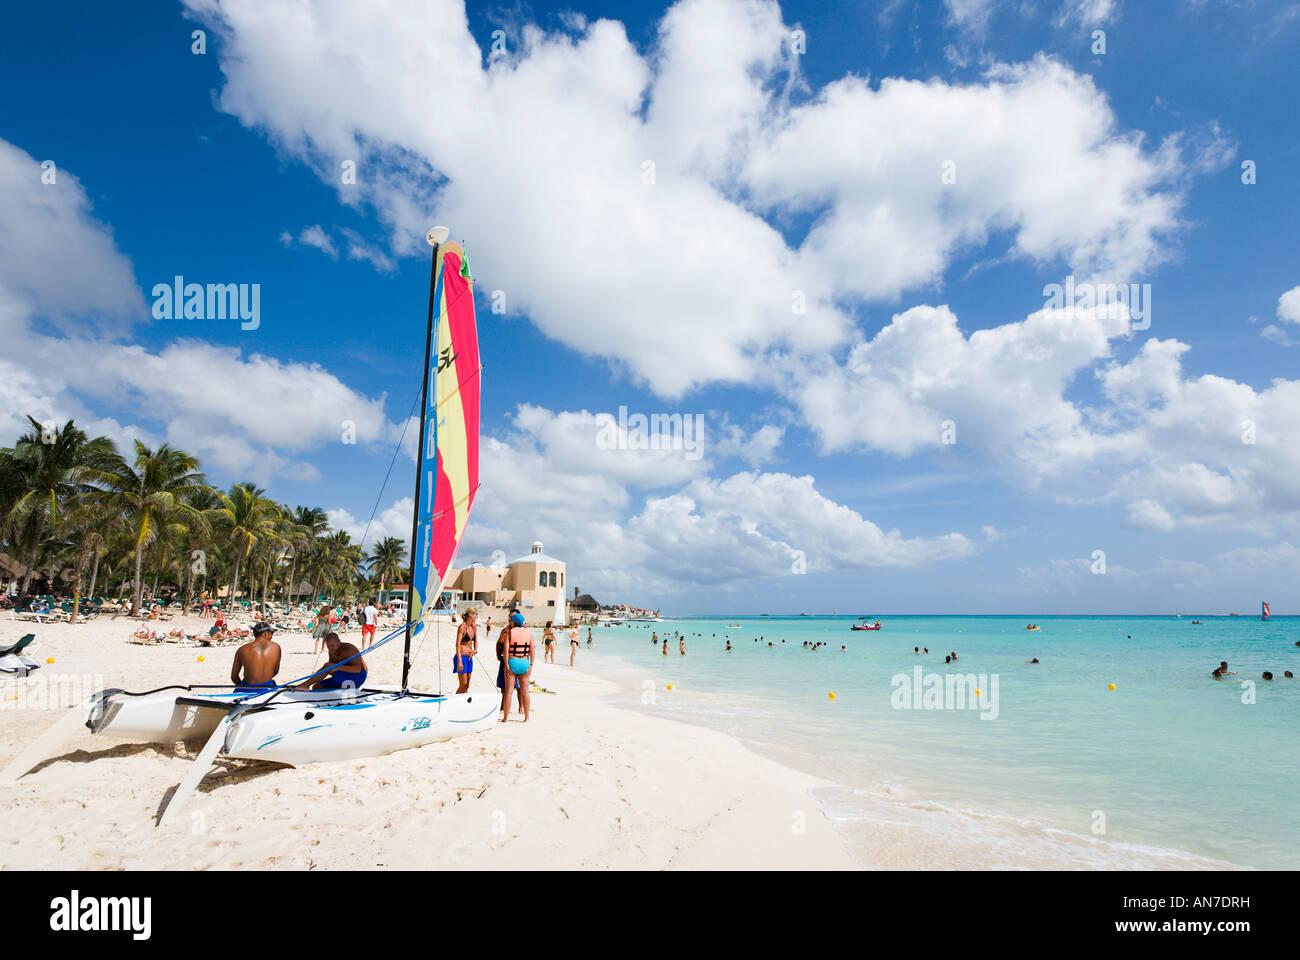 Beach outside Riu Playacar Hotel, Playacar, Playa del Carmen, Riviera Maya, Yucatan Peninsula, Quintana Roo, Mexico - Stock Image